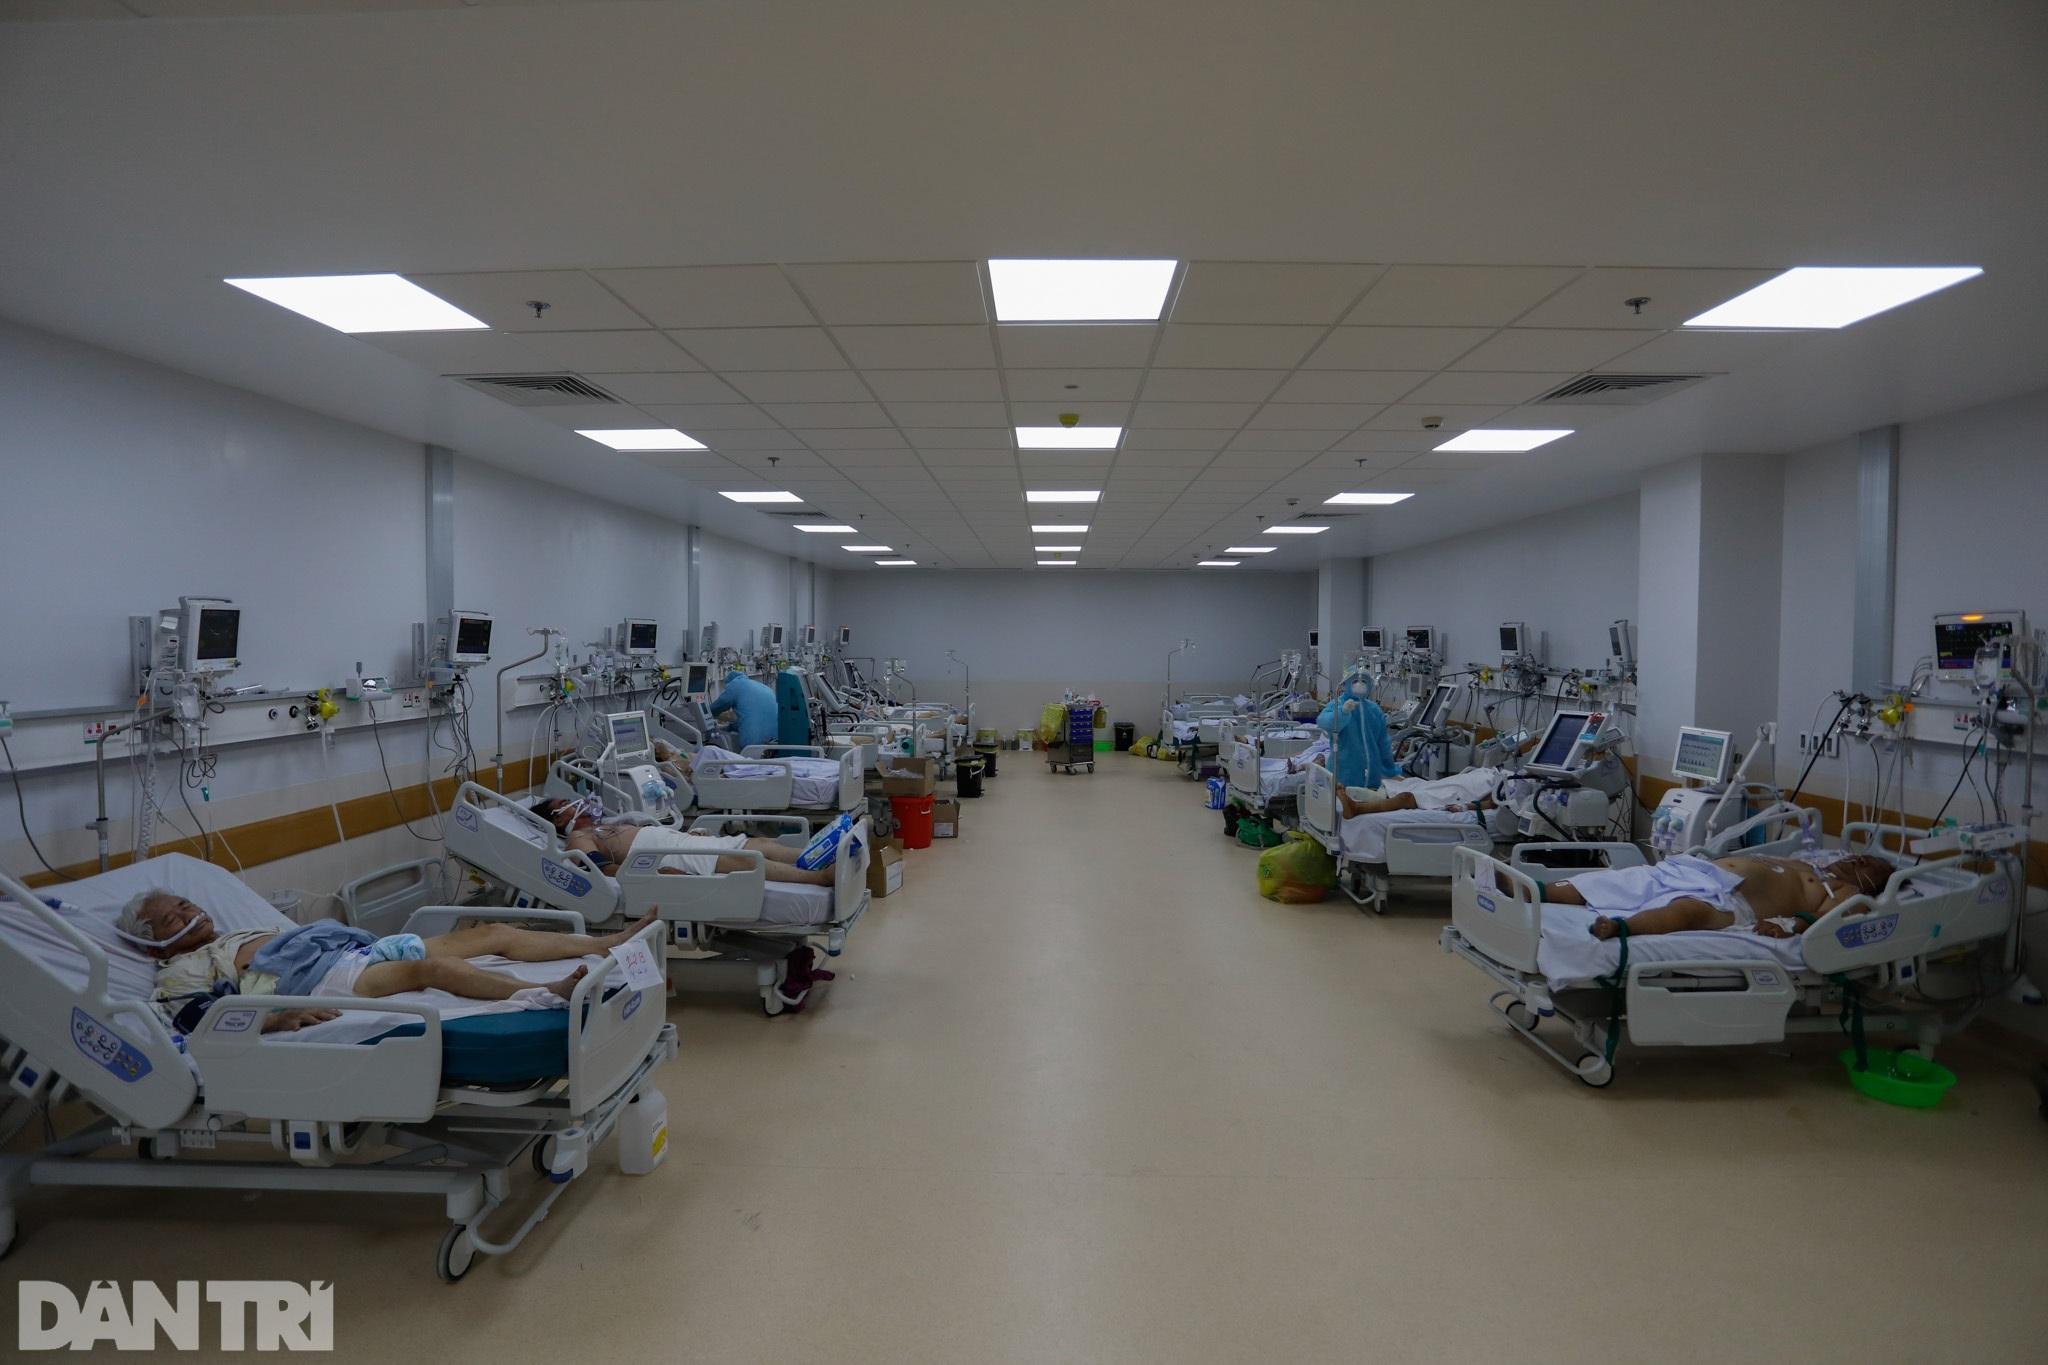 Bên trong Bệnh viện Hồi sức Covid-19 quy mô 1.000 giường ở TPHCM - 3